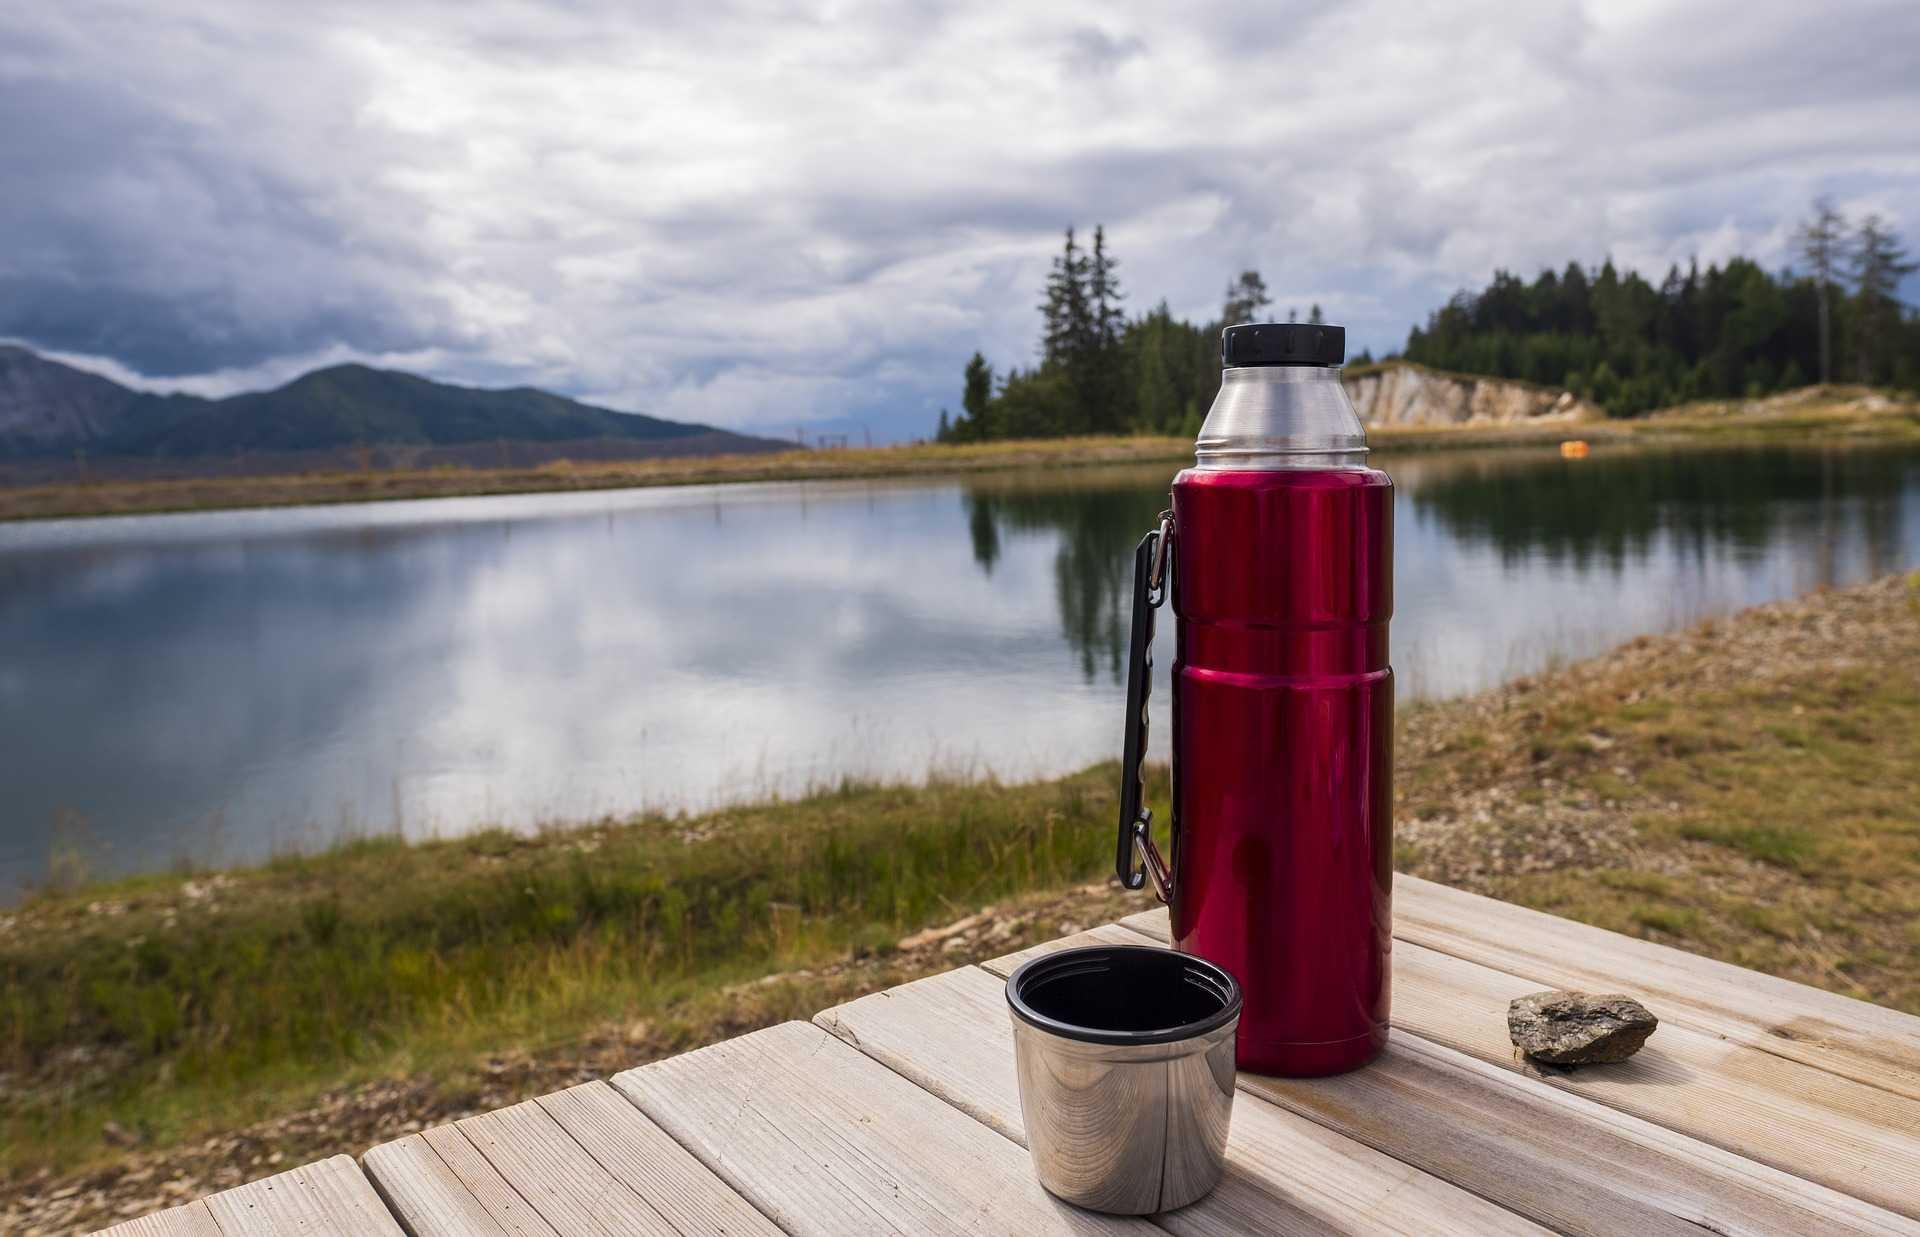 digital nomad thermal mug in nature